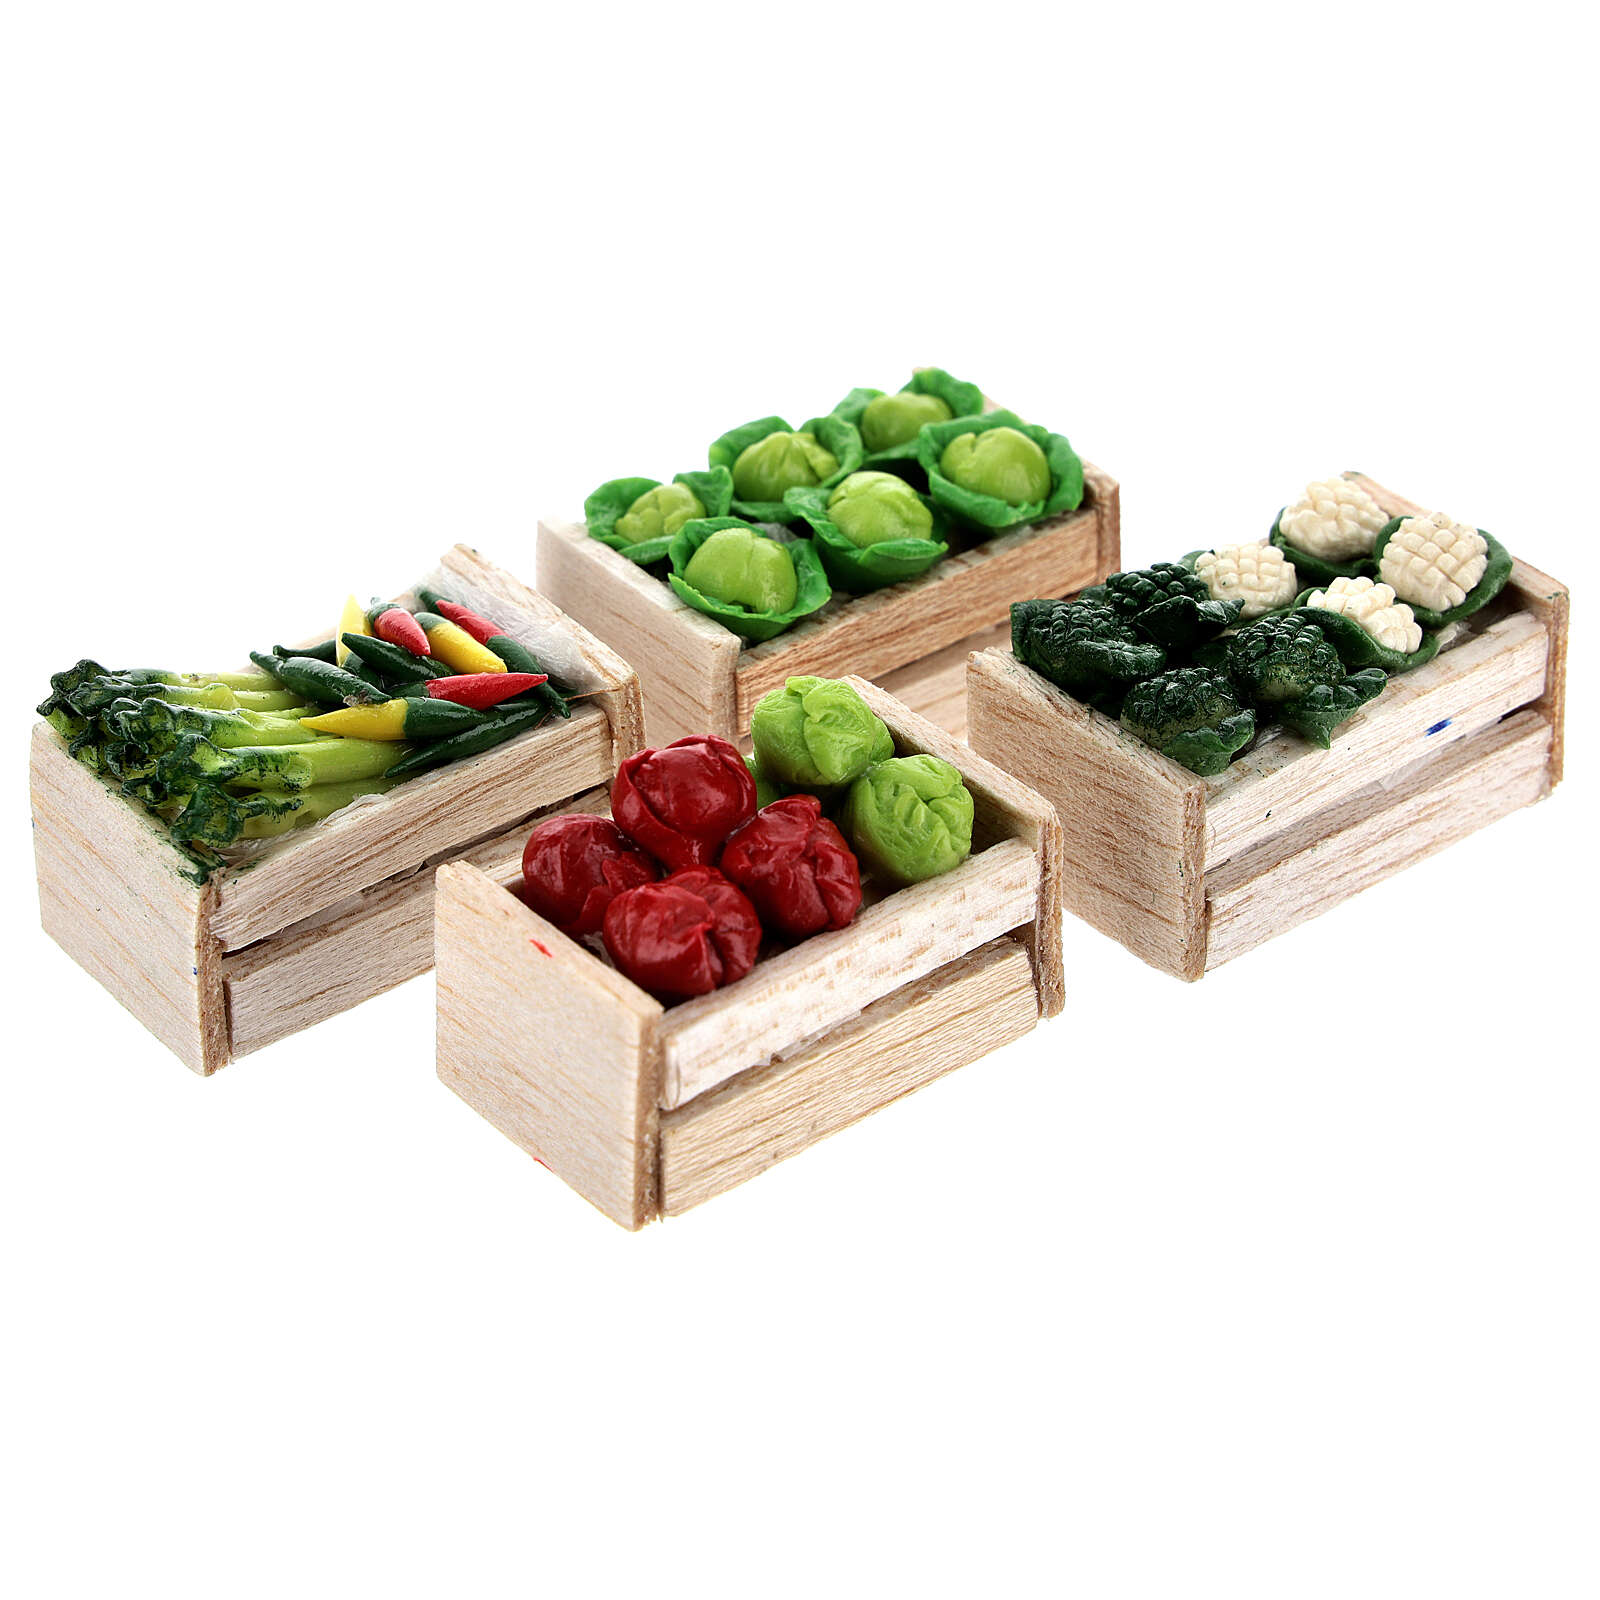 Caixas de verduras e legumes miniaturas 2x2,5x2 cm para presépio com figuras altura média 8 cm, 12 unidades 4